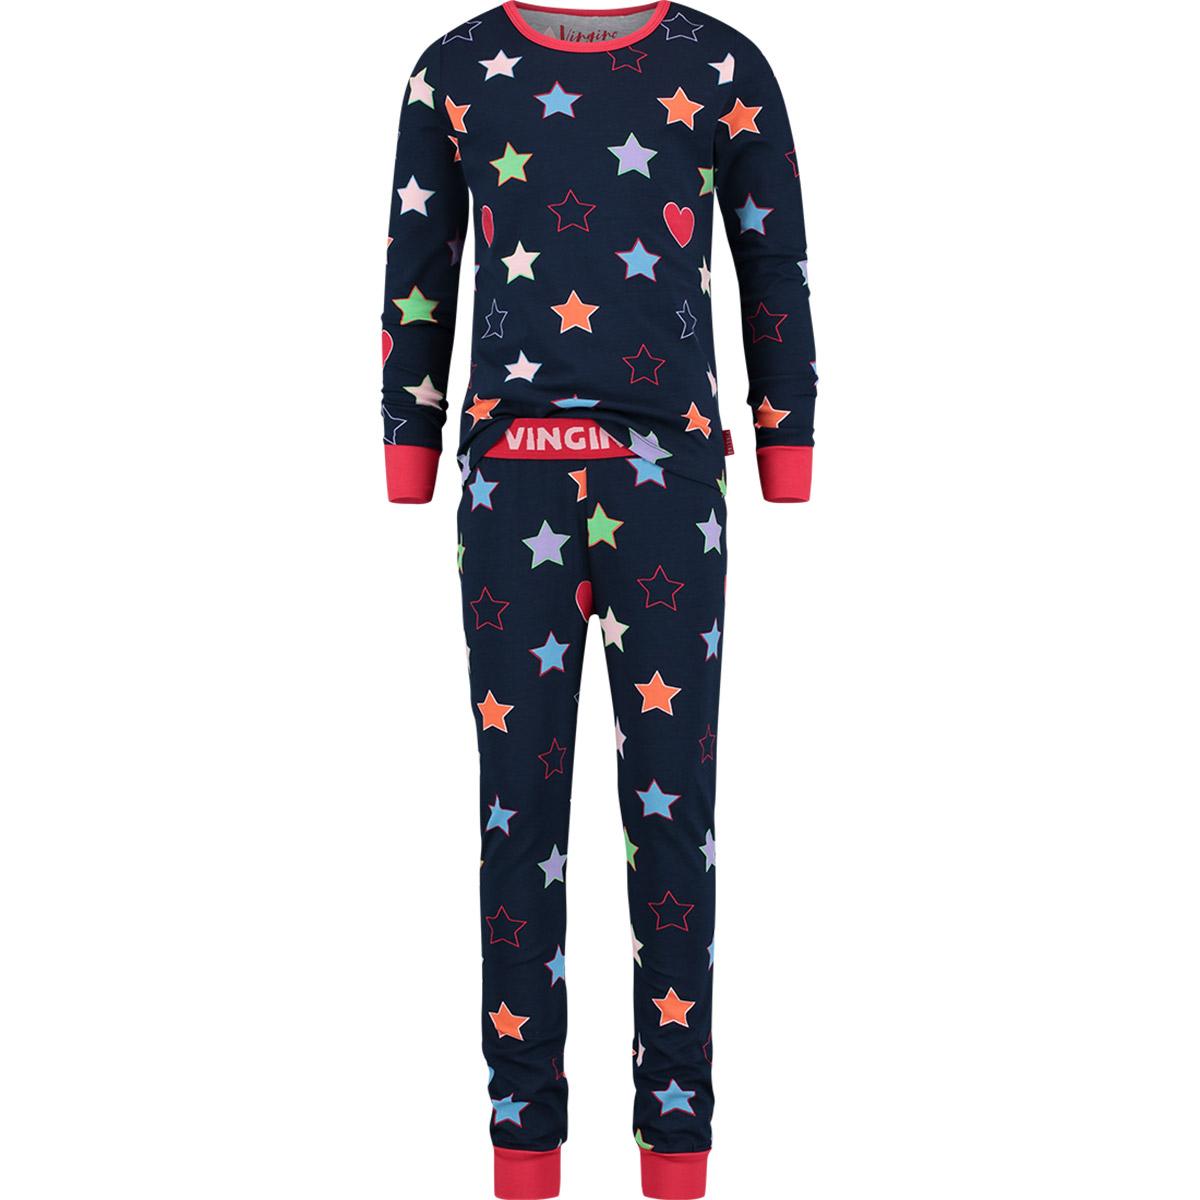 f1e86b0dacf Meisjes pyjamas & nachtkleding bestel je online bij